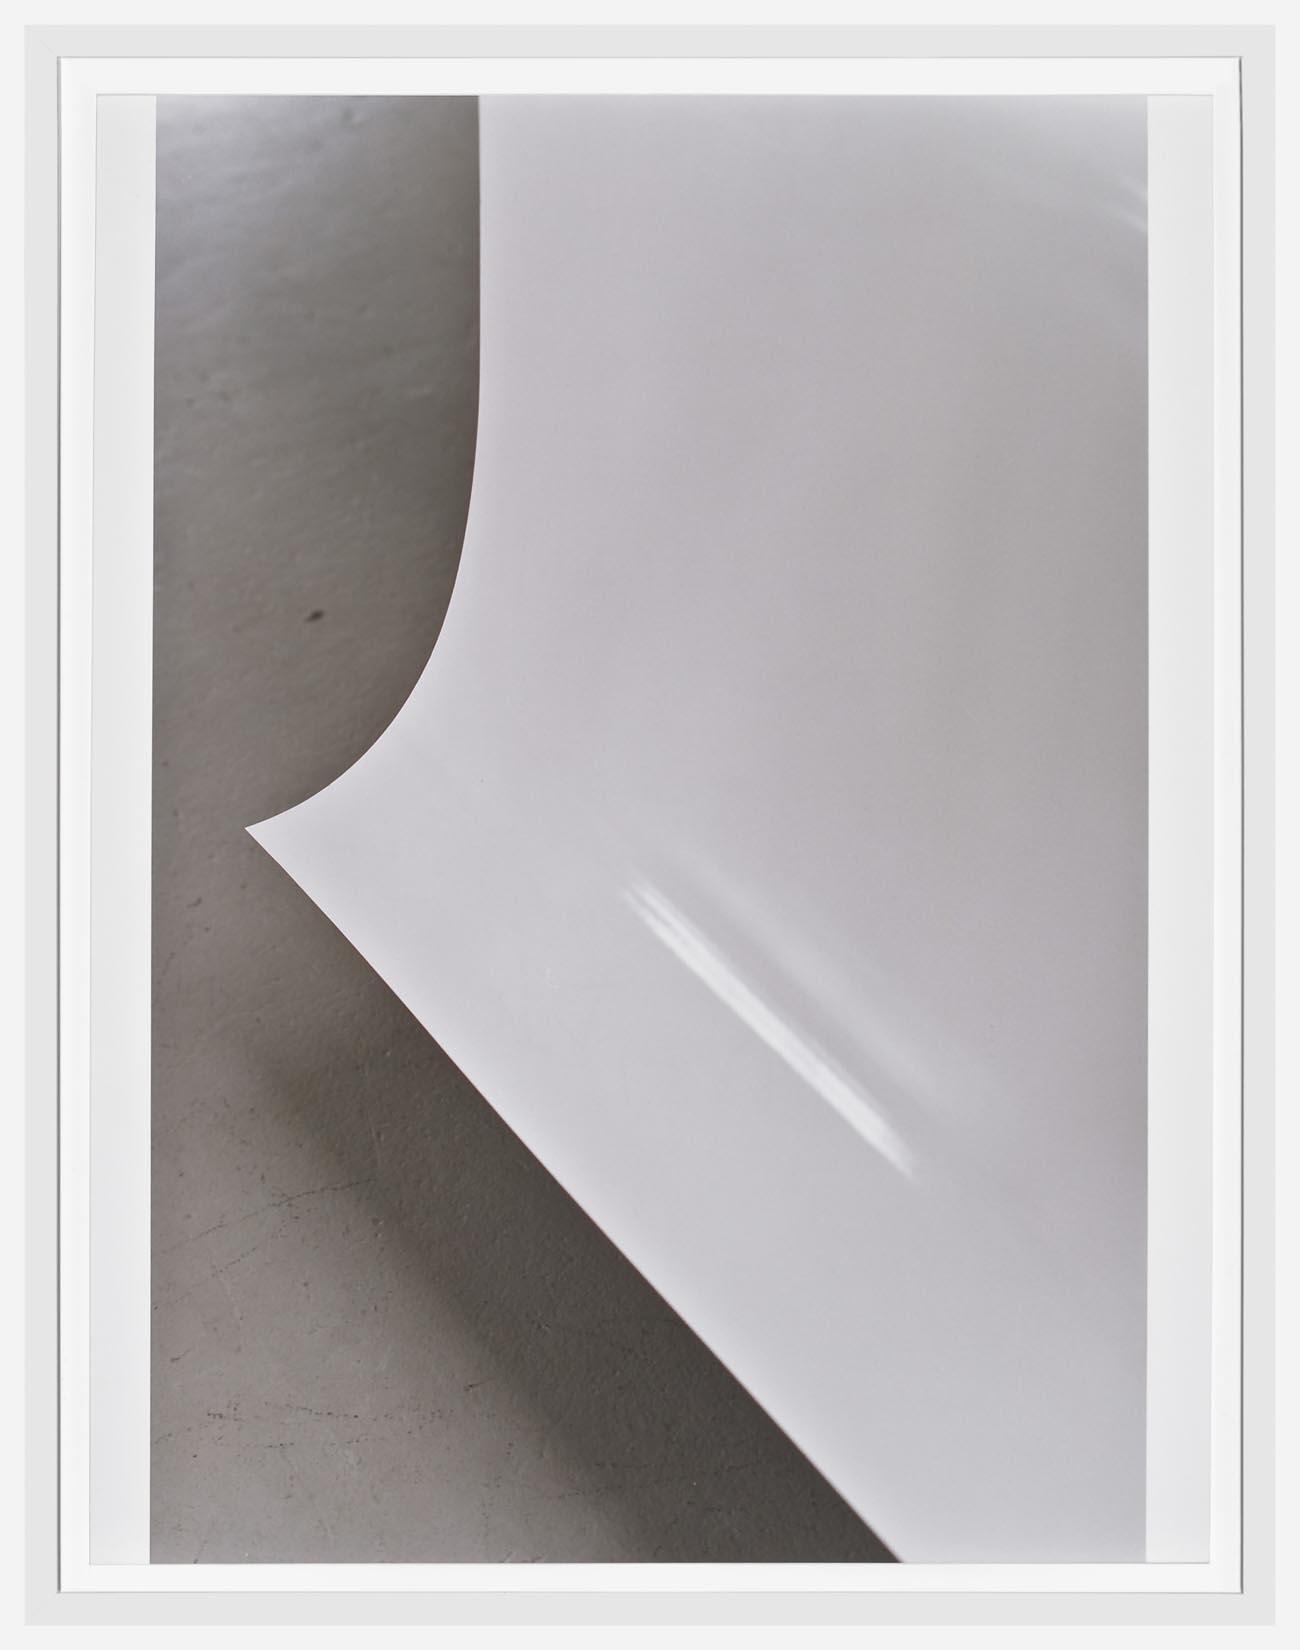 Wolfgang Tillmans Paper Drop (White) B 2004 c-prints 44 x 33.9 cm